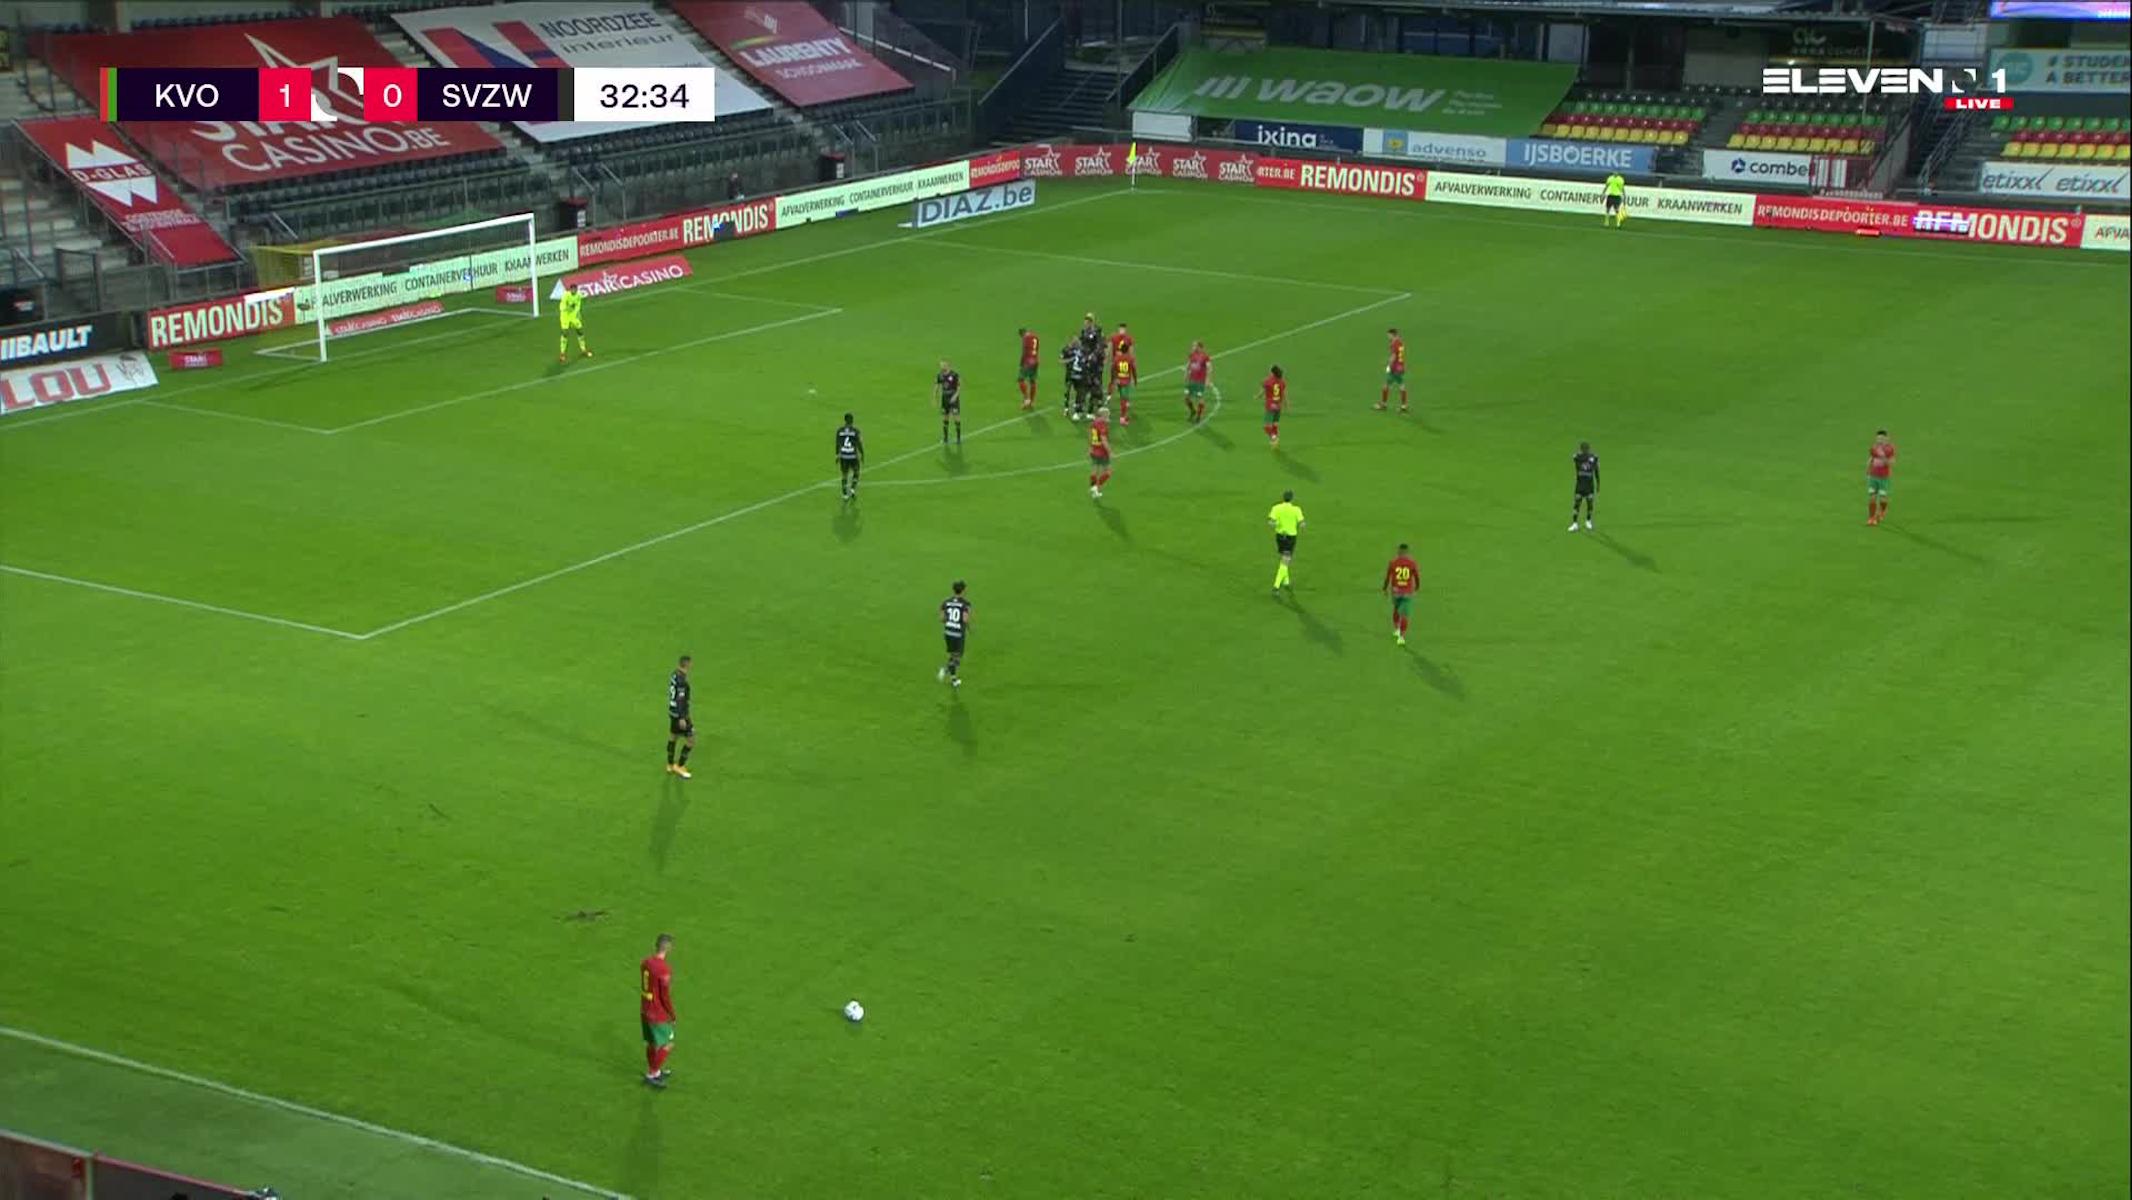 Doelpunt Maxime D'Arpino (KV Oostende vs. SV Zulte Waregem)